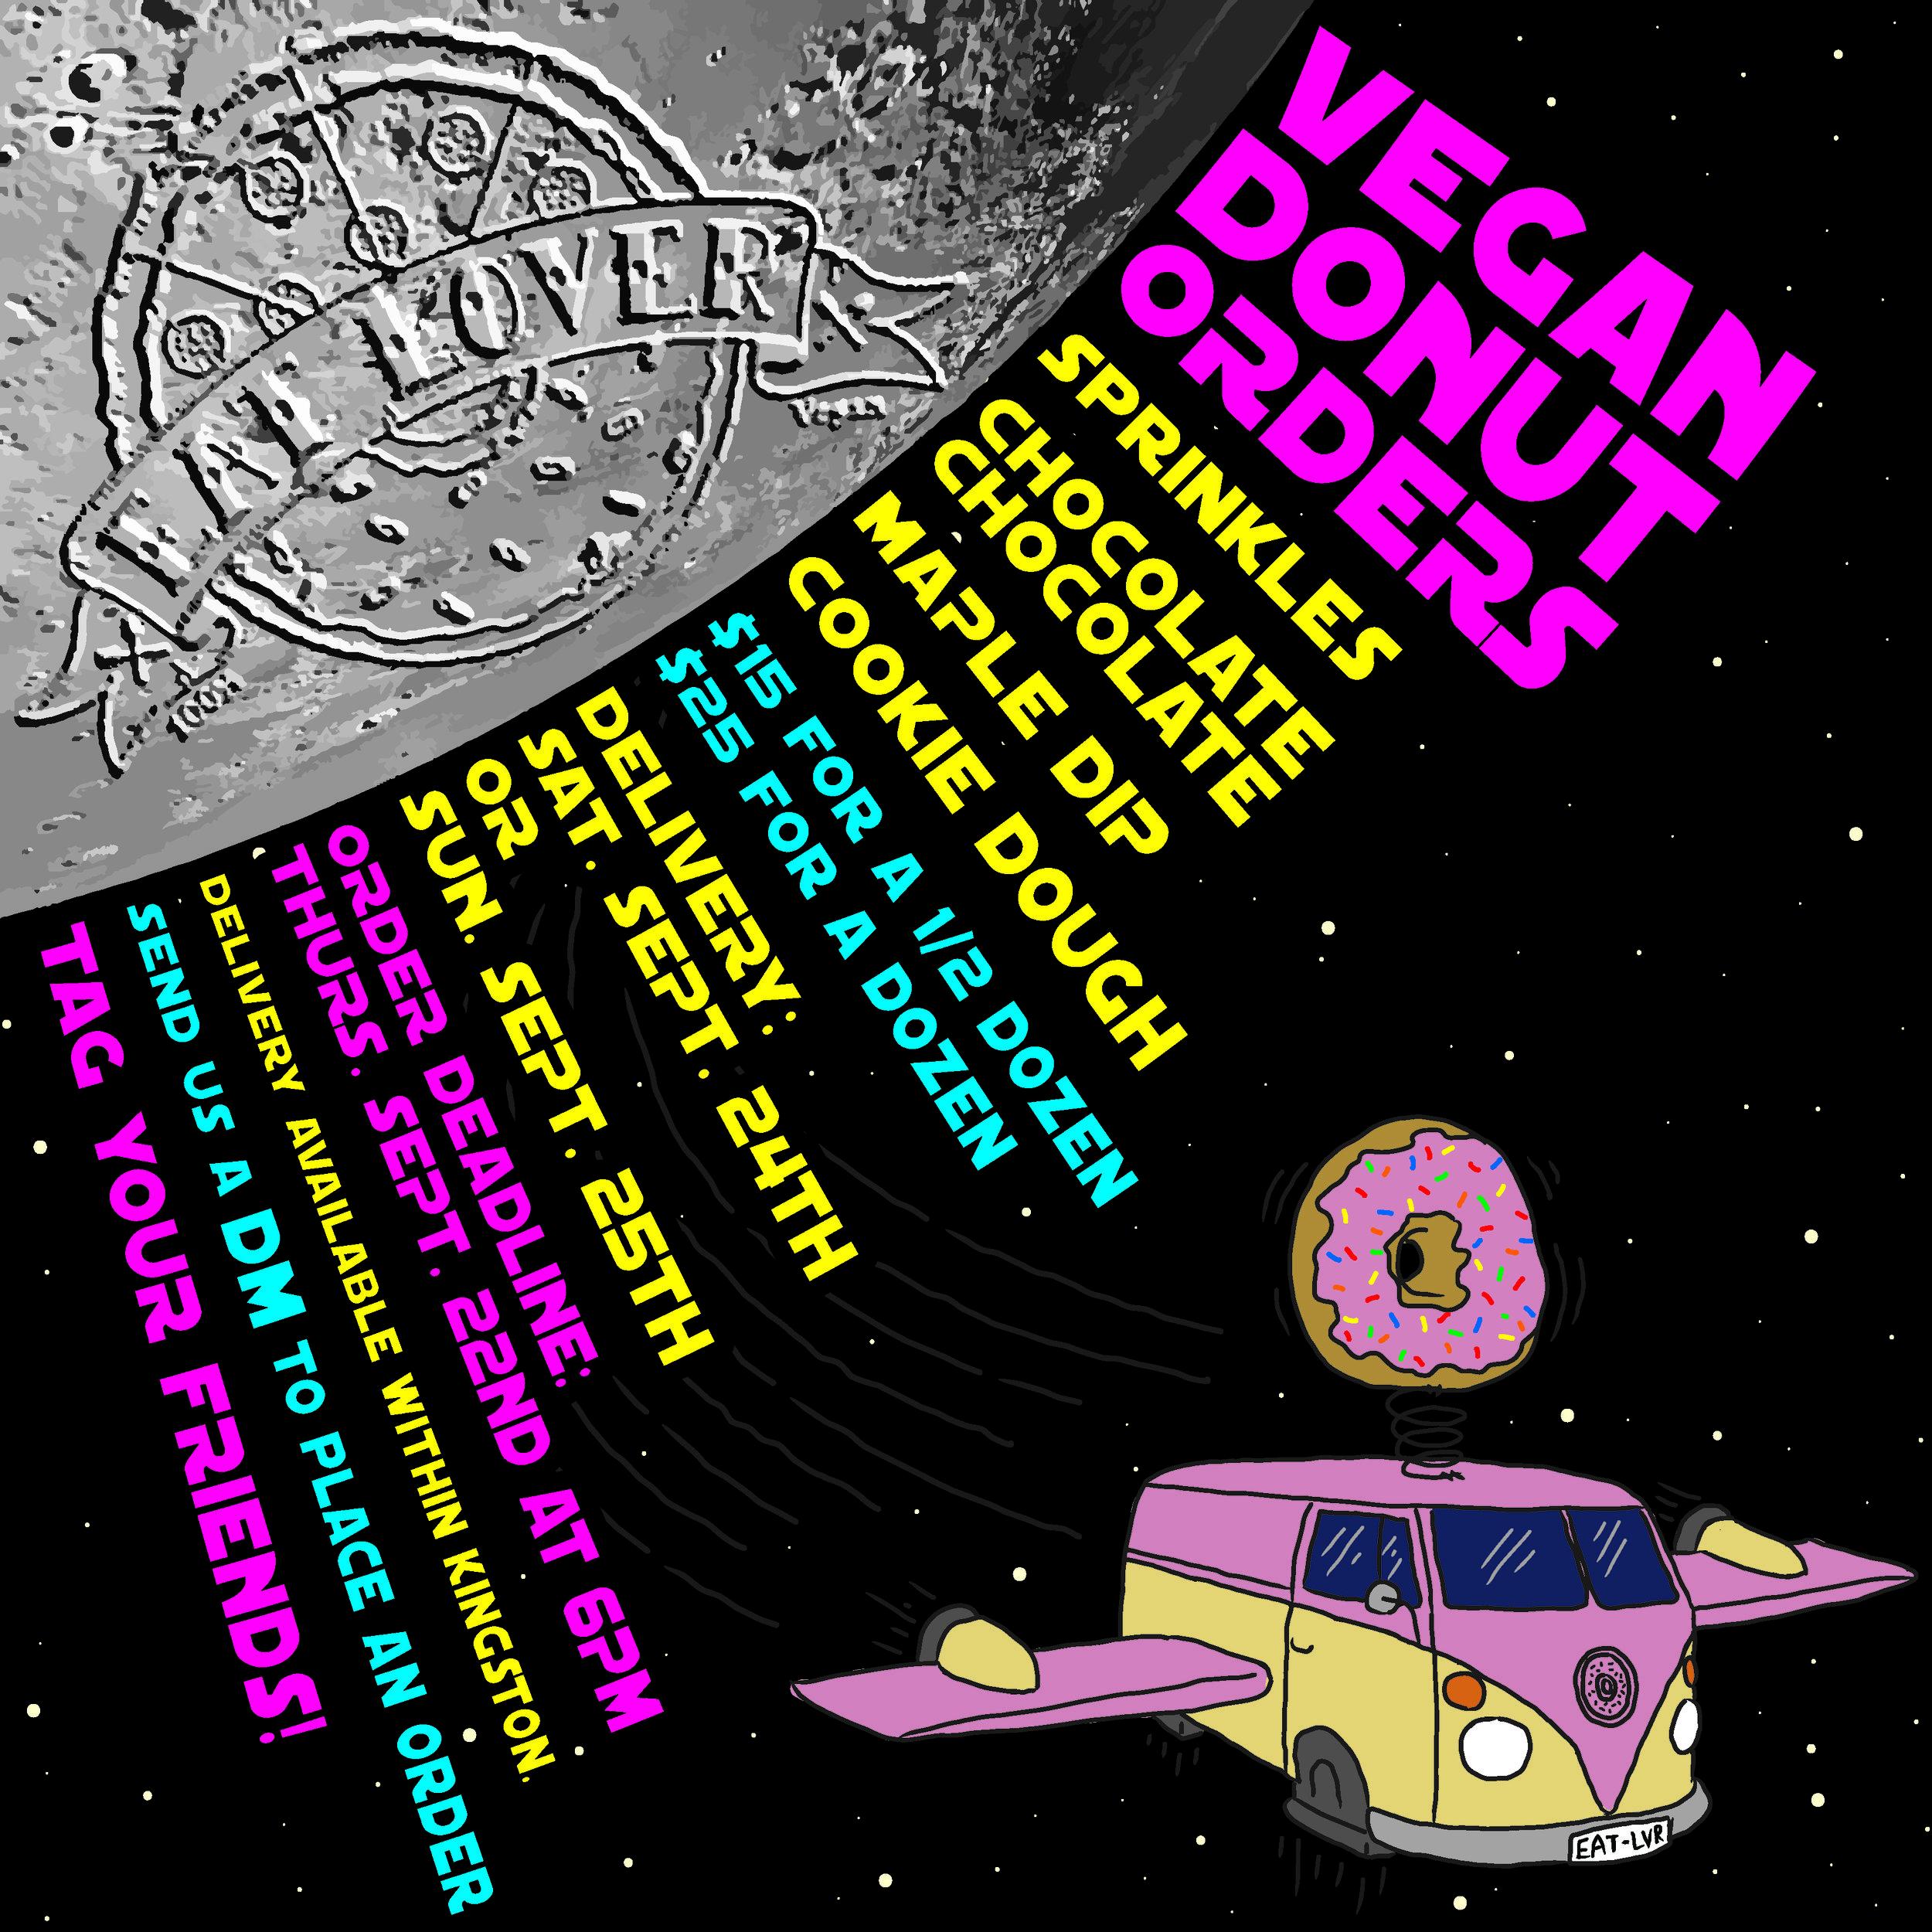 eat lover - donut order - space.jpg